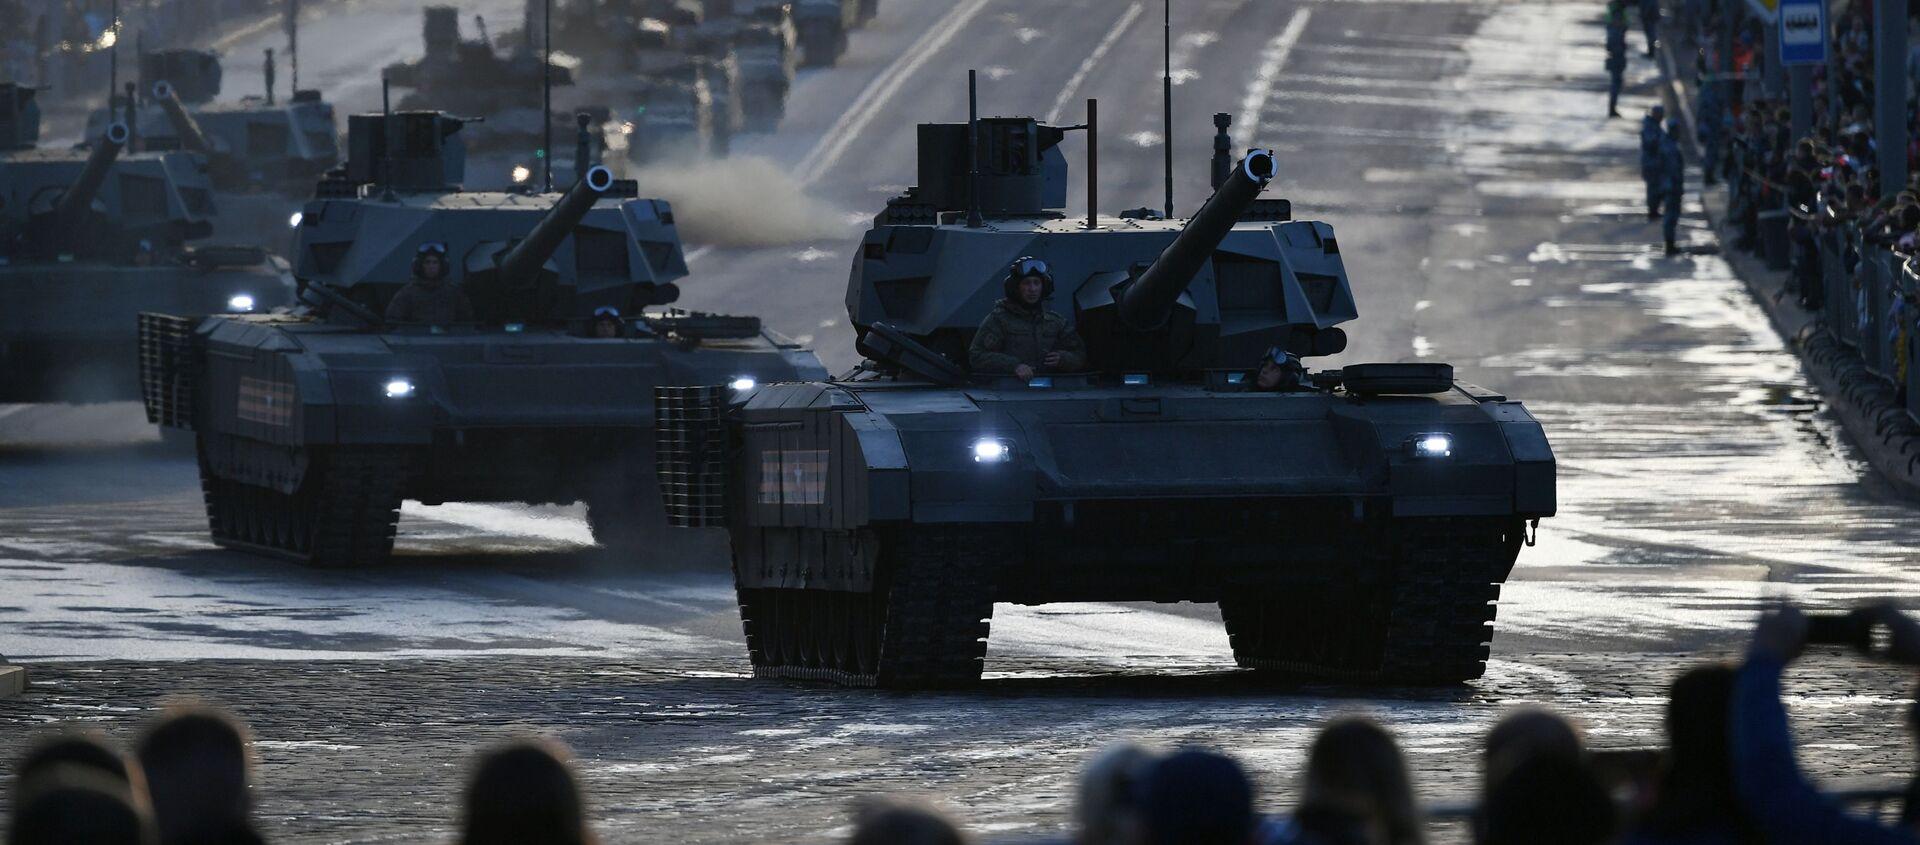 Tank T-14 Armata  đang đi ngang qua phố Krasnaya Presnya - Sputnik Việt Nam, 1920, 25.04.2021